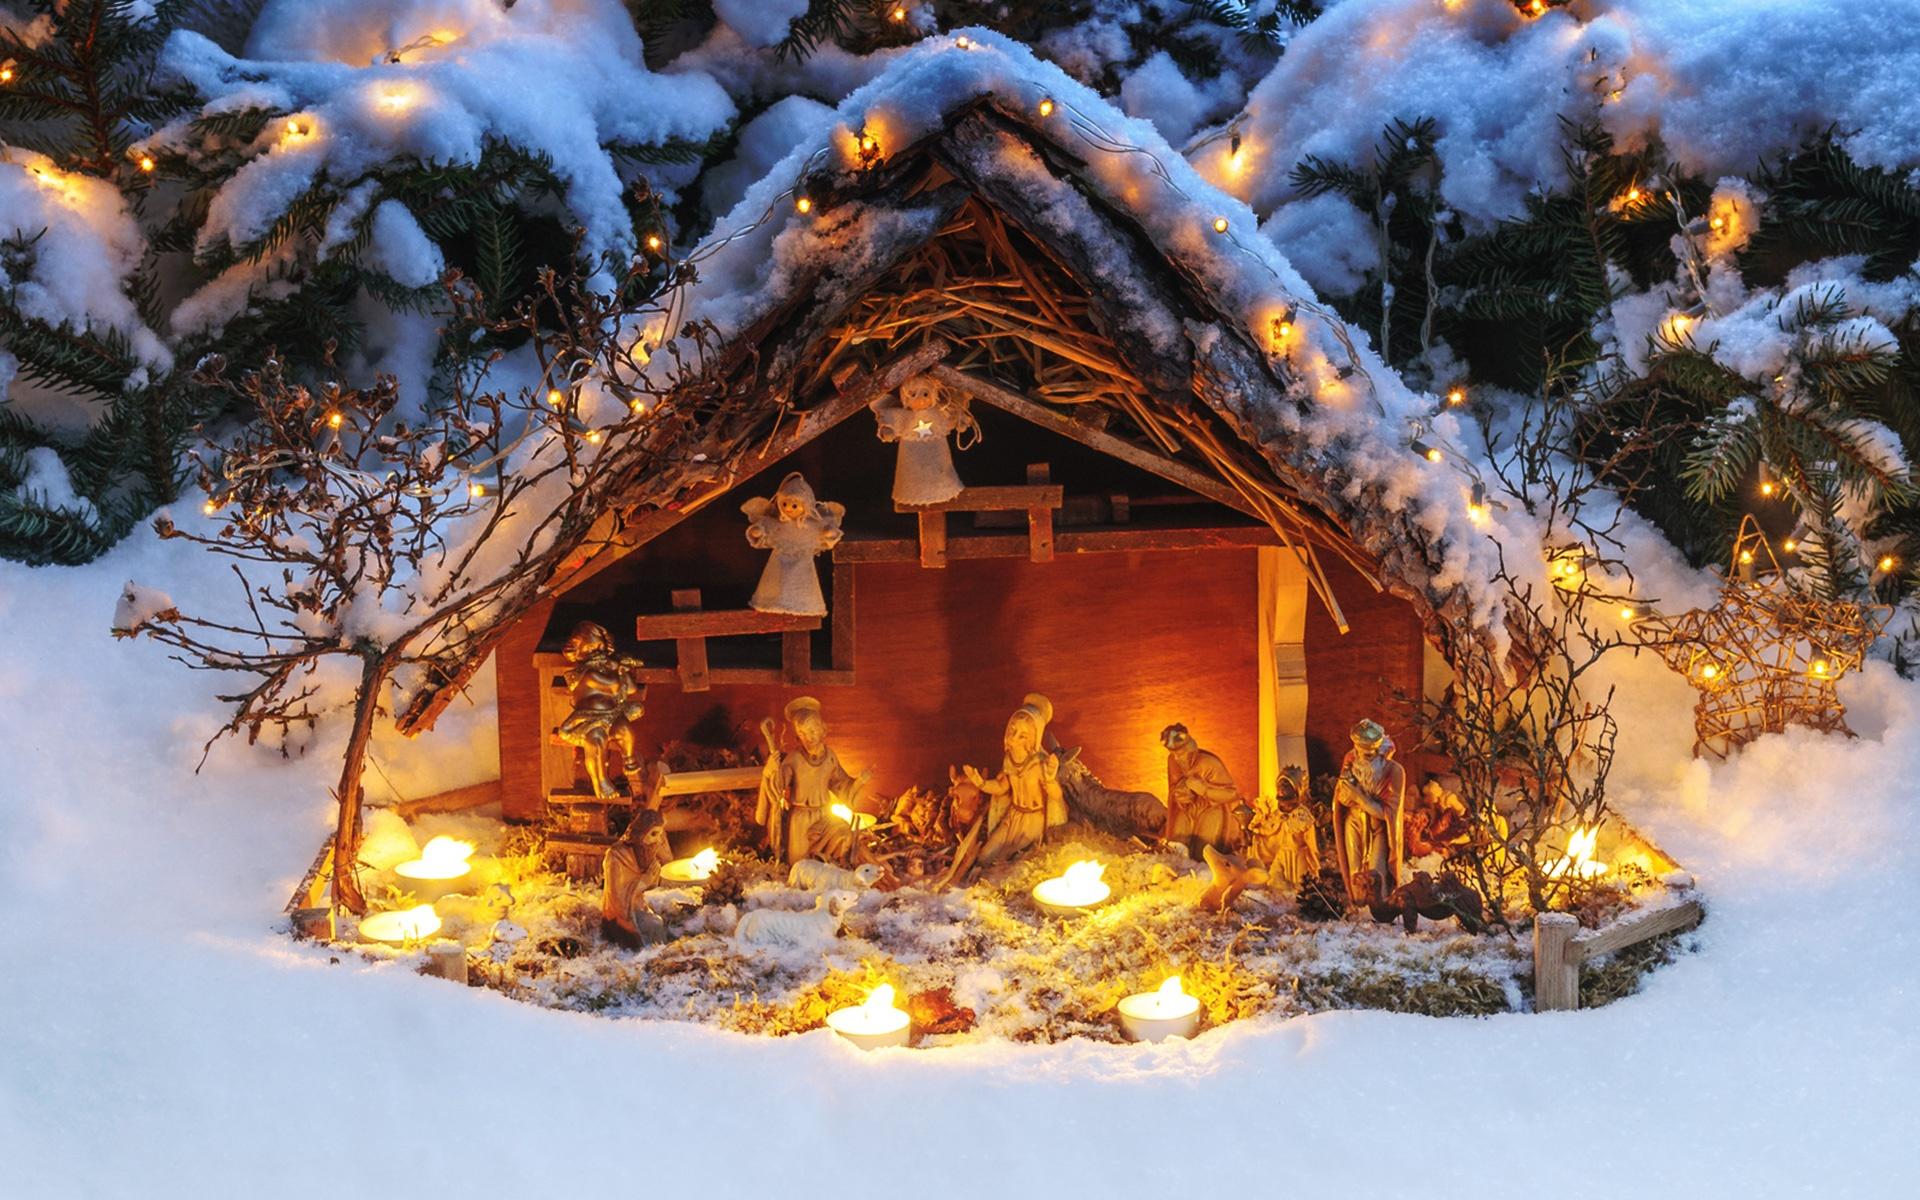 stimmungsbilder thread zum advent und zu weihnachten. Black Bedroom Furniture Sets. Home Design Ideas